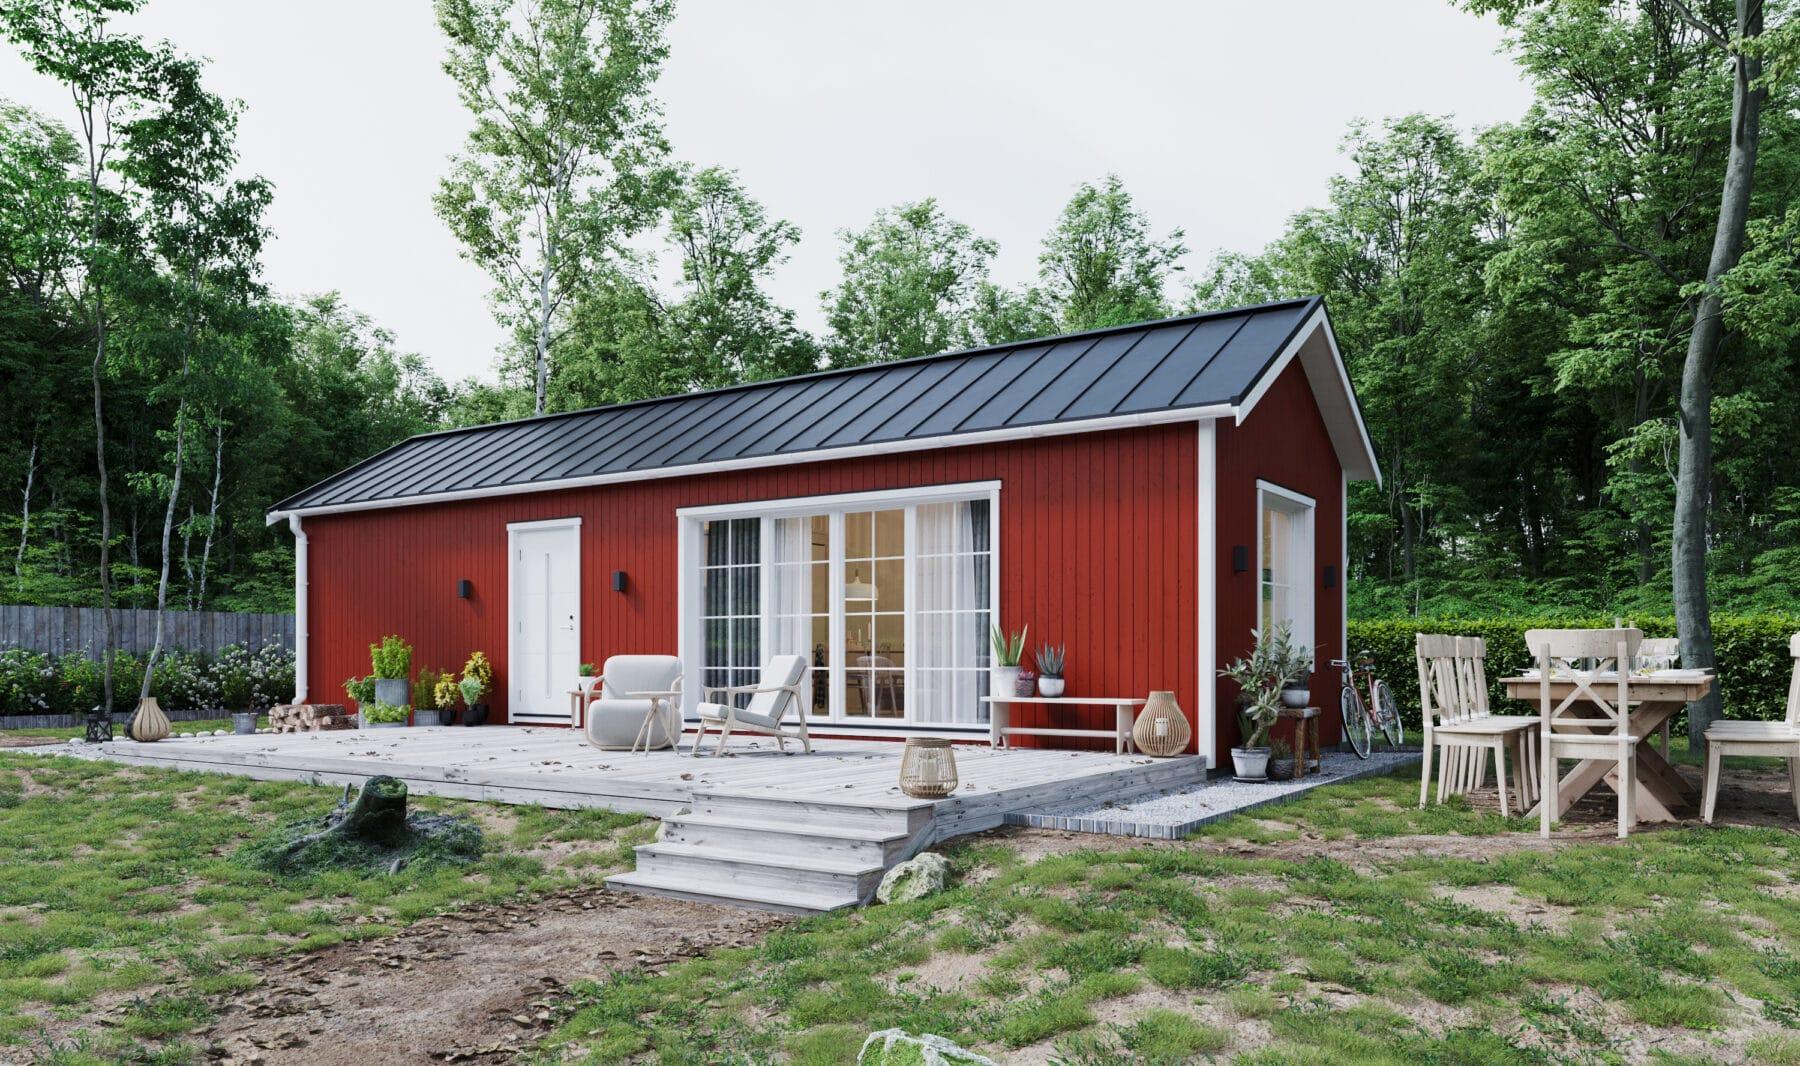 Fritidshus med fasad i faluröd färg, vita knutar och klassiskt sadeltak i svart